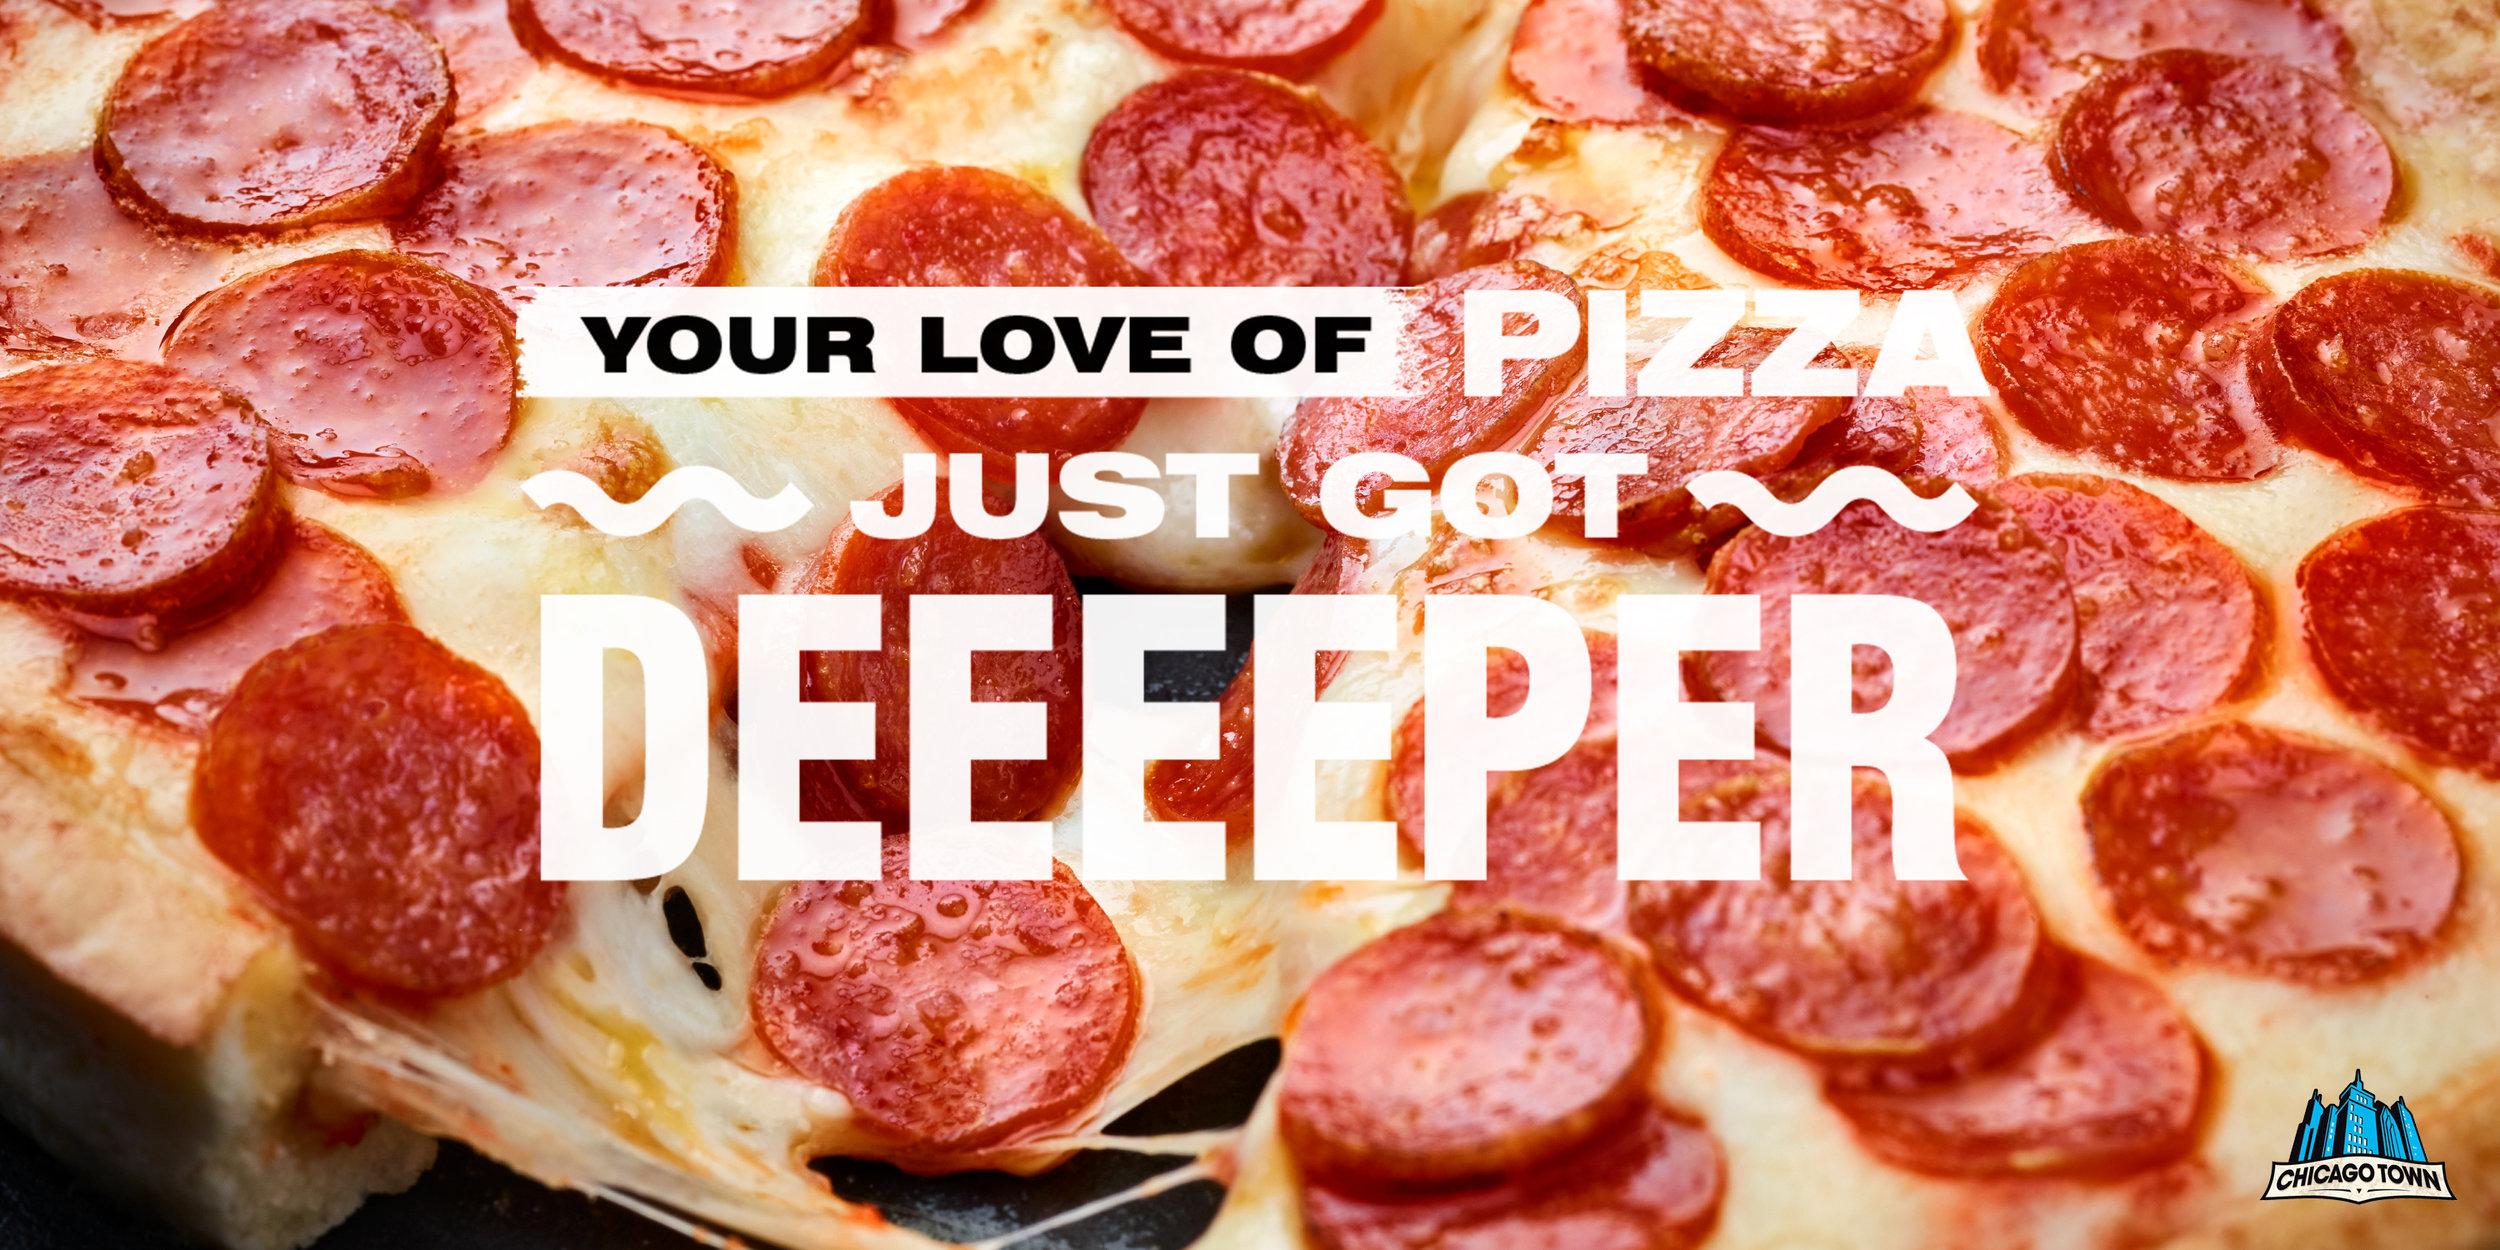 DeepDishPepperoniFinal.jpg